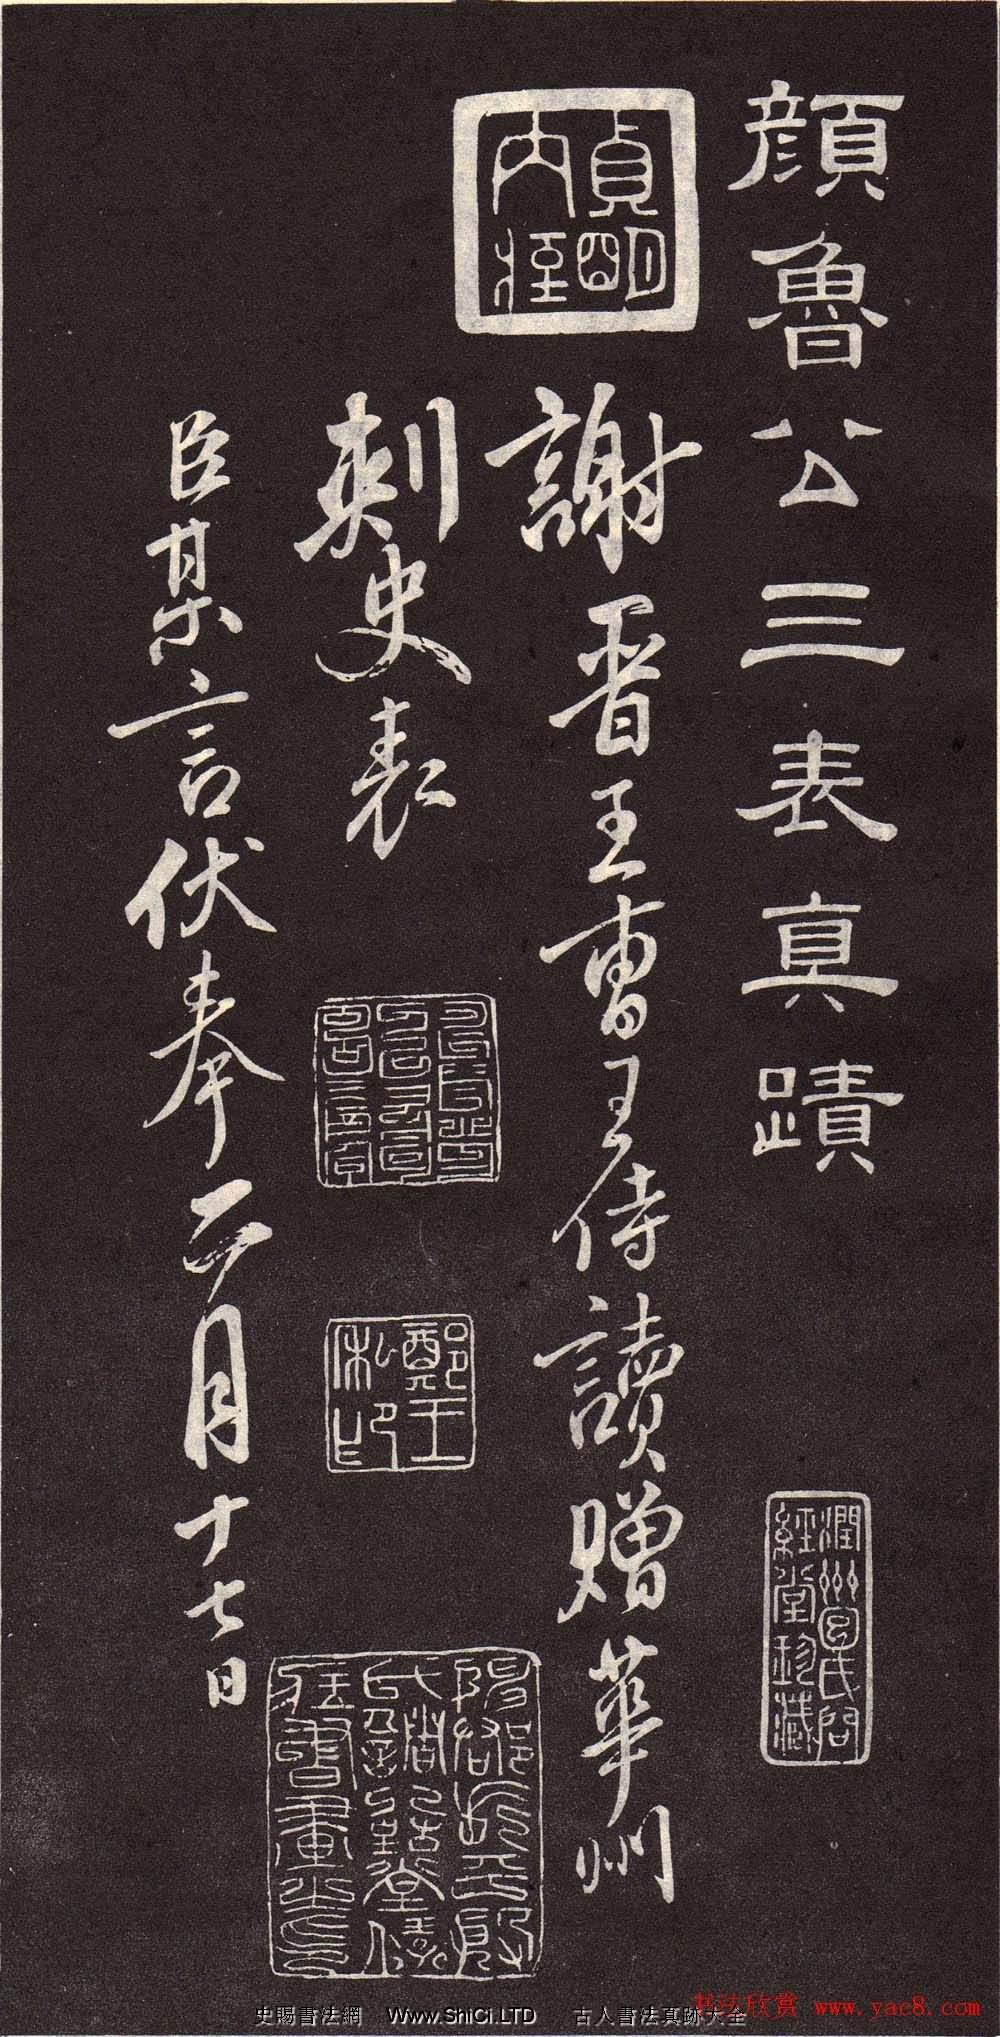 顏真卿行書真跡欣賞《顏魯公三表真跡》(共32張圖片)